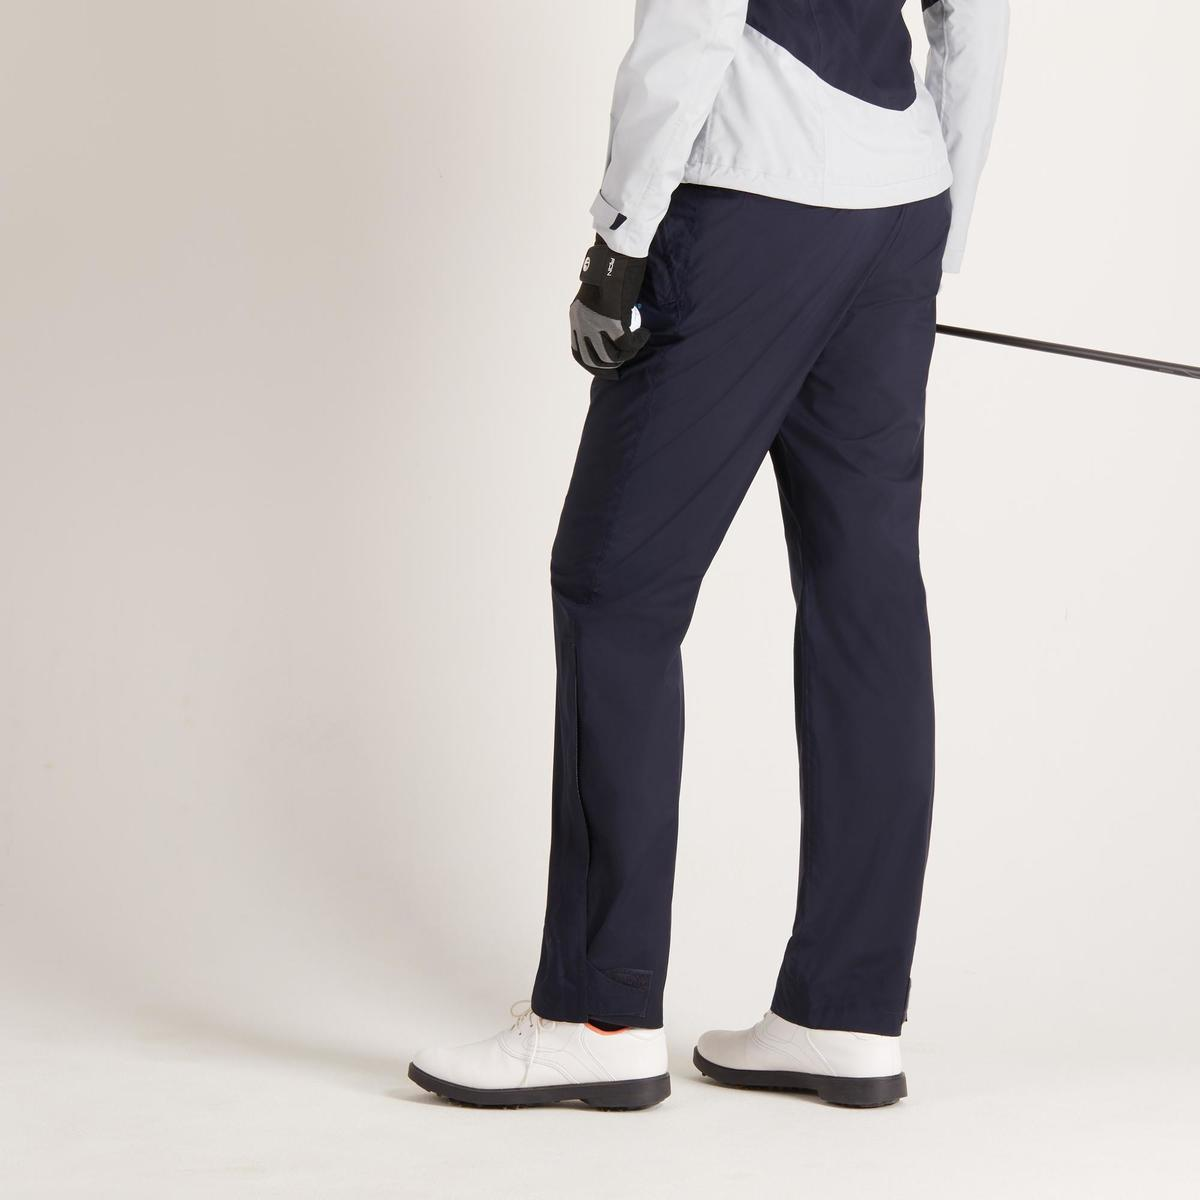 Bild 5 von Golf Regenhose 900 Damen marineblau wasserdicht